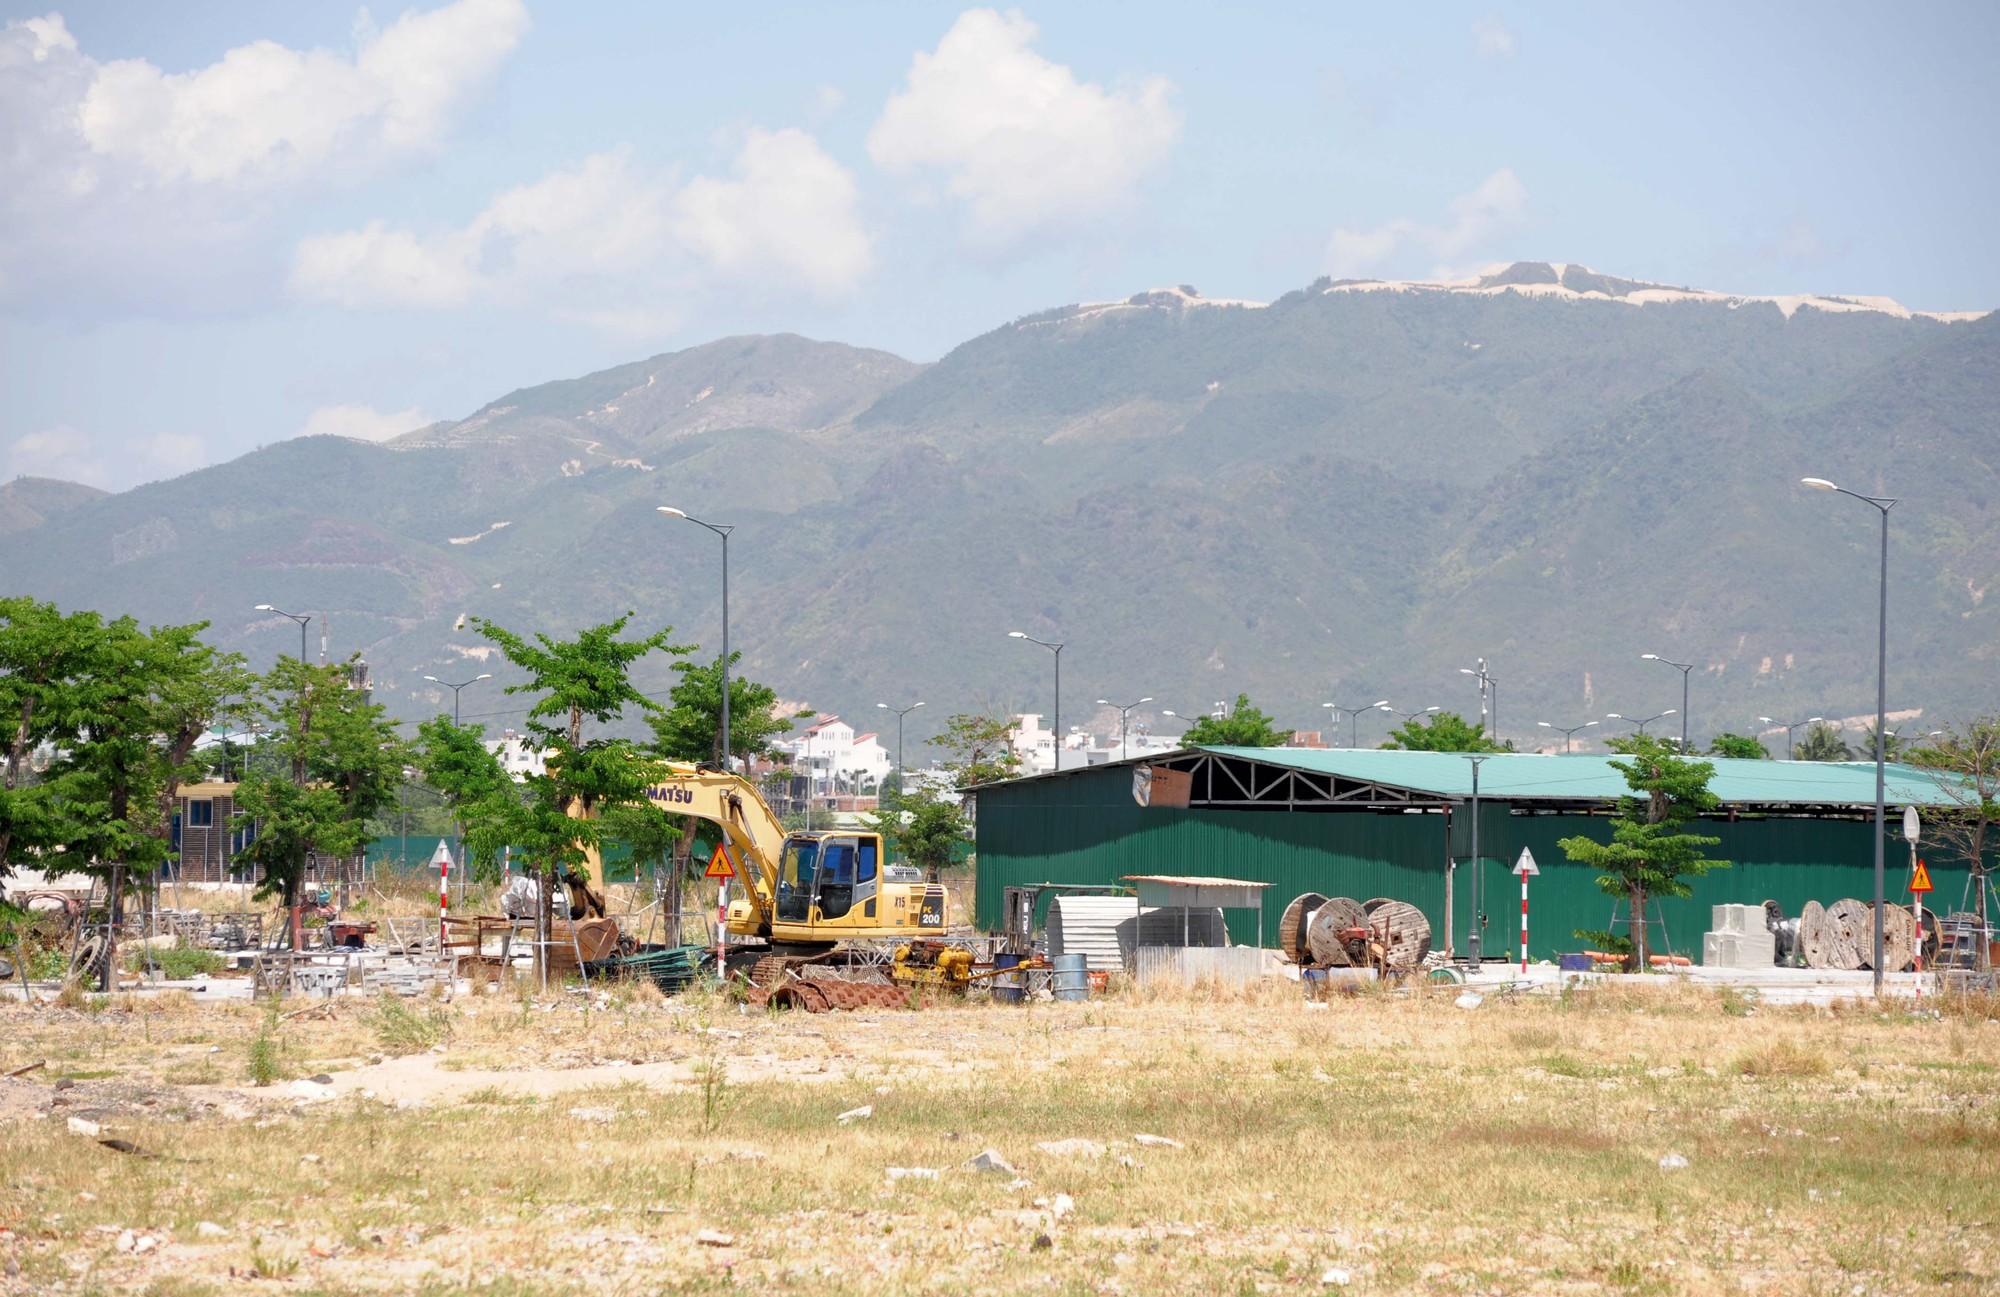 Cận cảnh dự án BT của Tập đoàn Phúc Sơn tại sân bay Nha Trang cũ  - Ảnh 3.